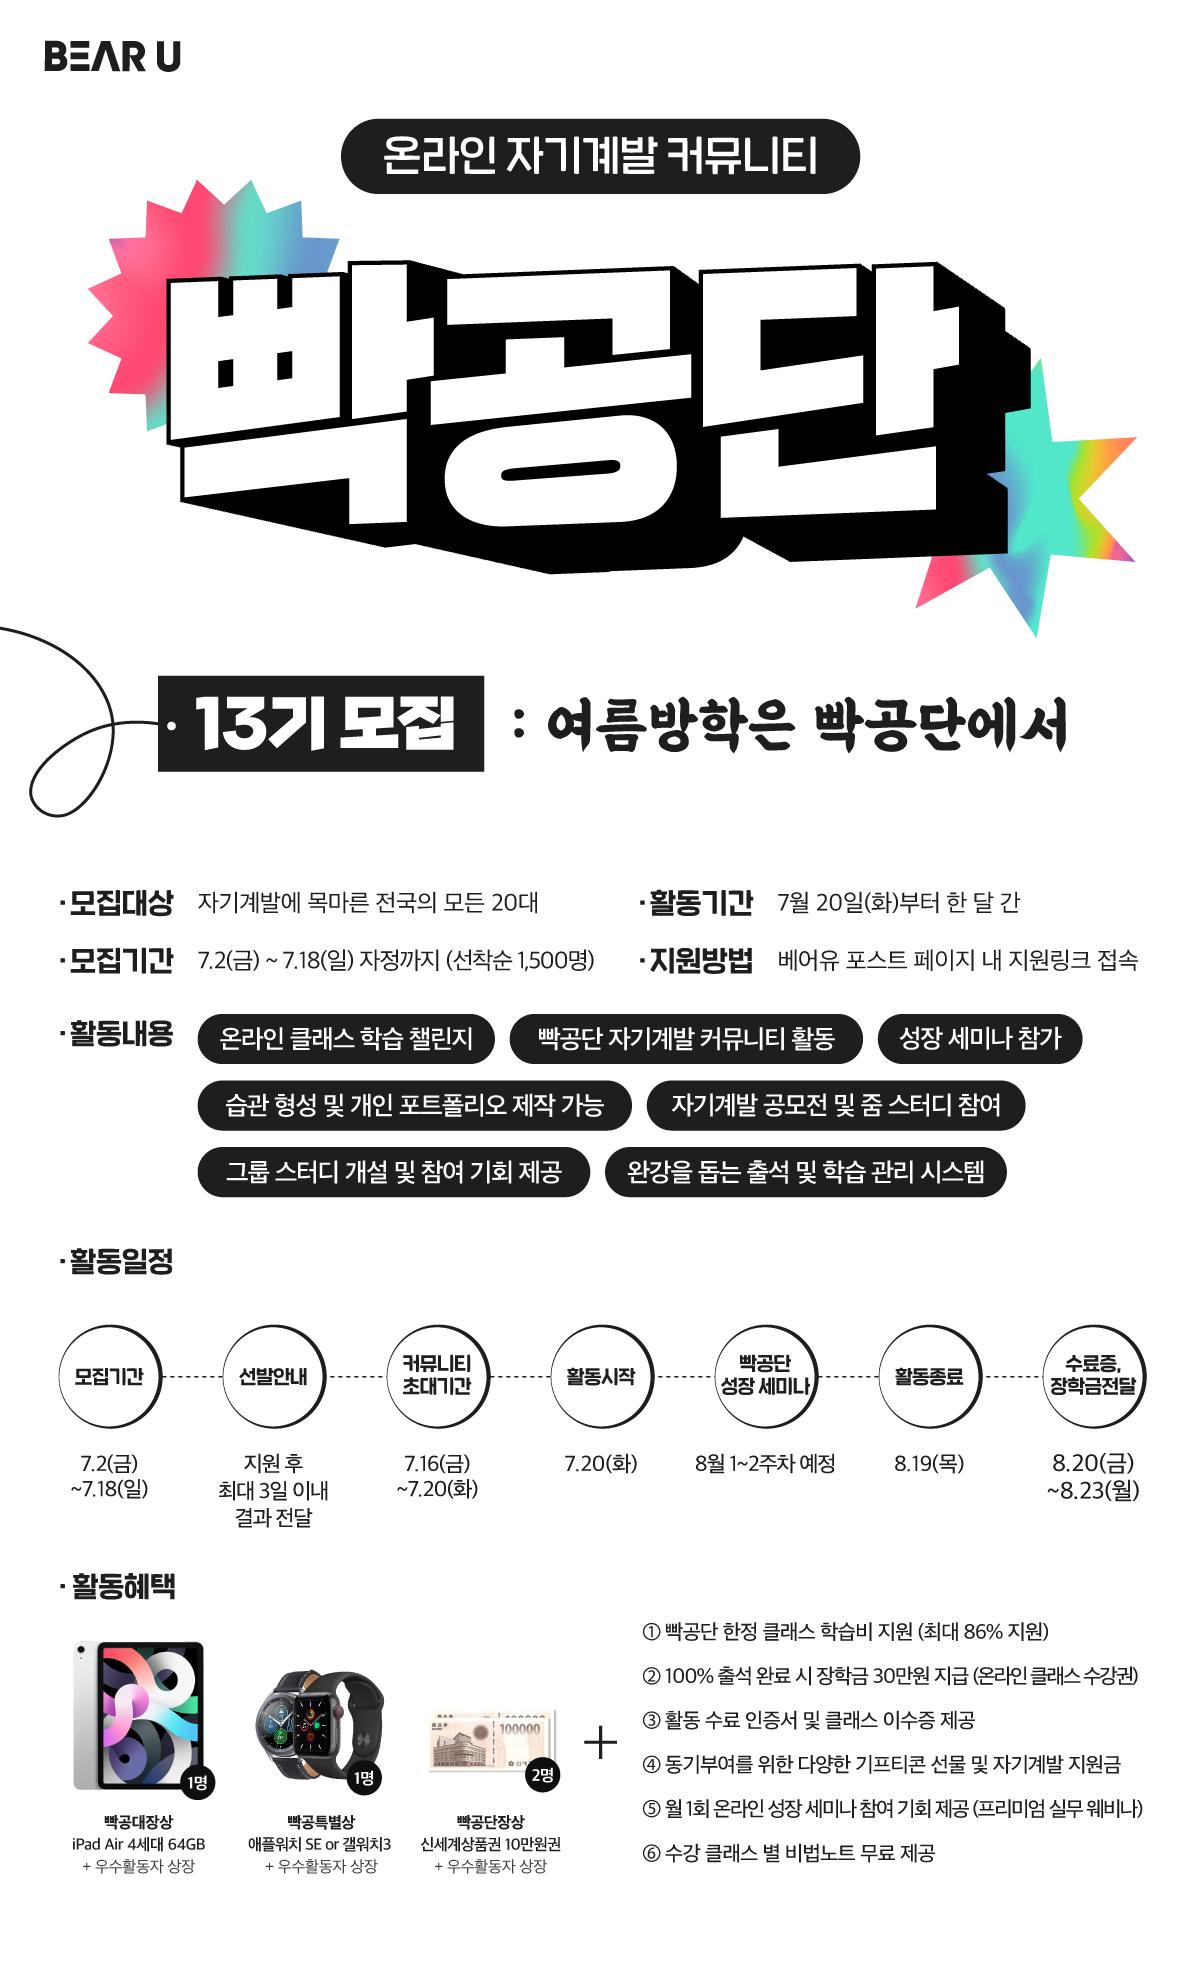 [빡공단 13기] 여름방학, 하루10분 온라인 자기계발 '빡공단' 모집